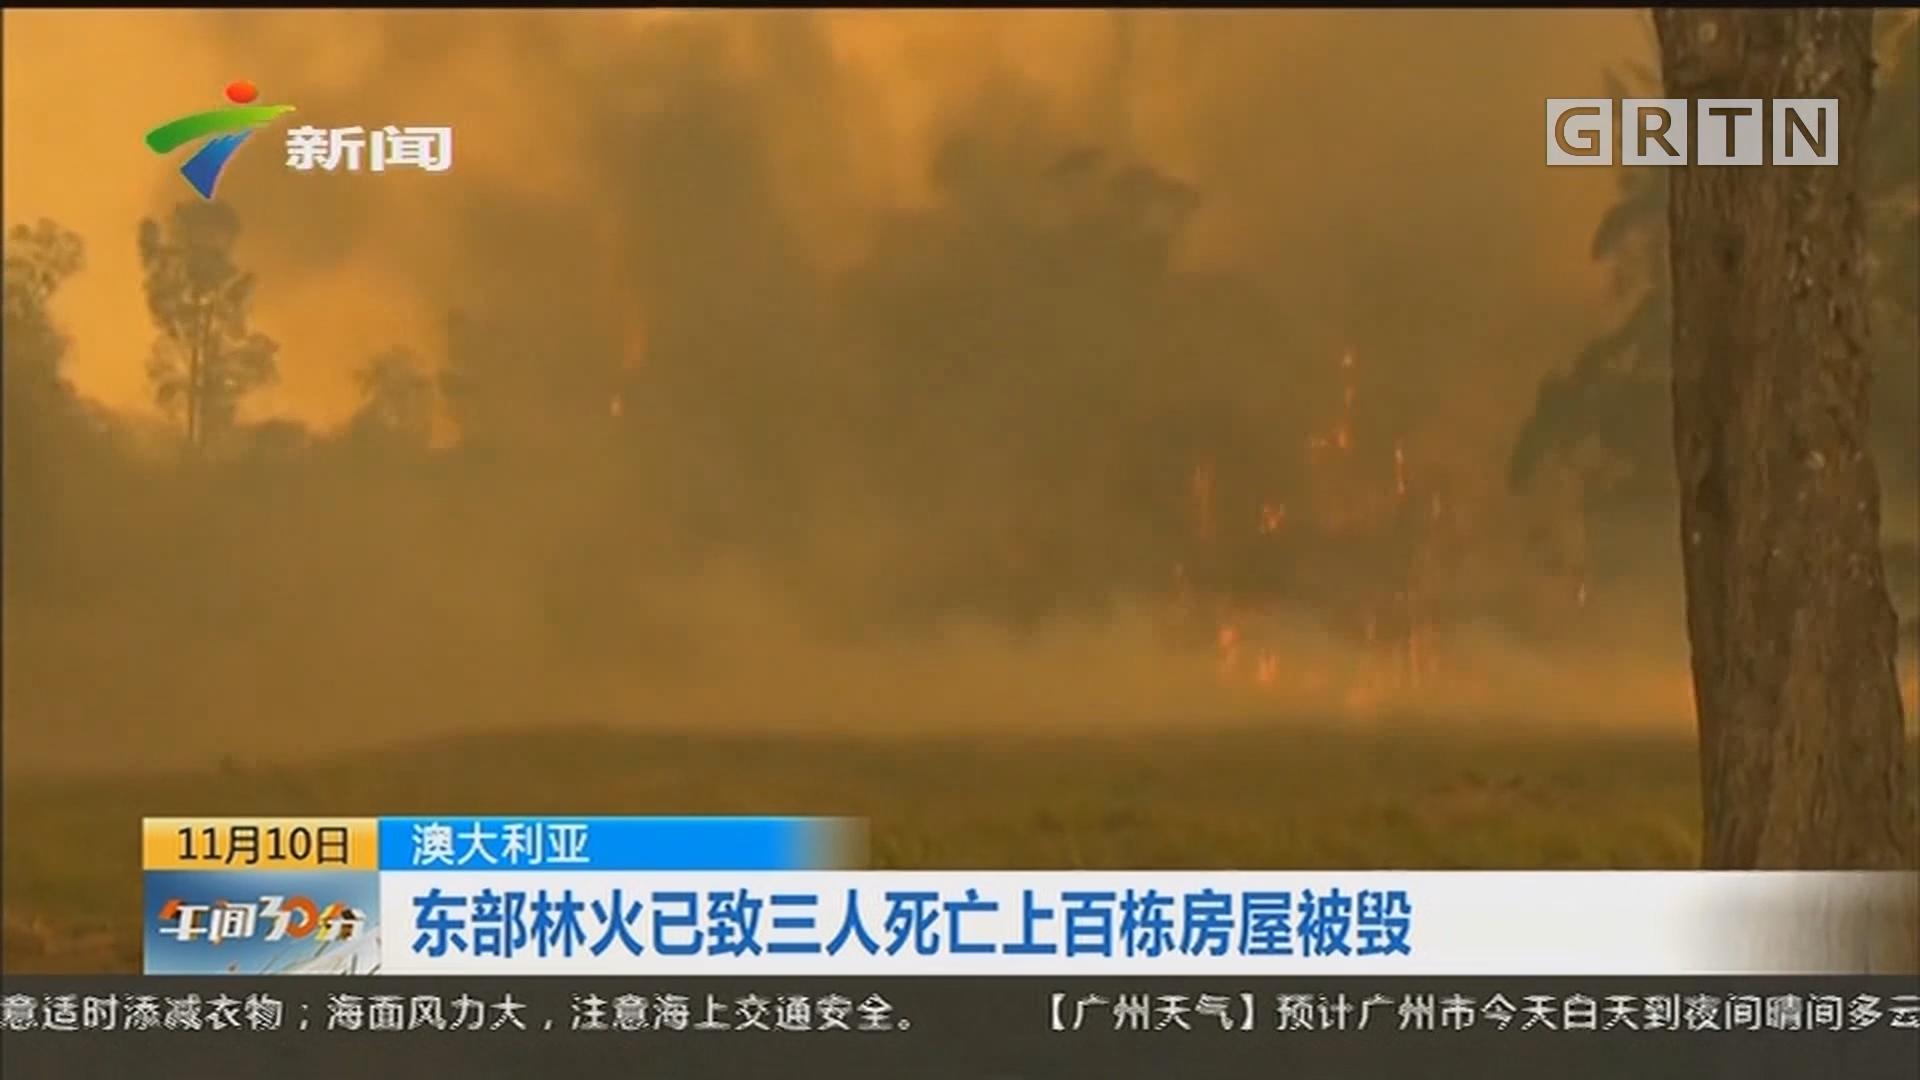 澳大利亚:东部林火已致三人死亡上百栋房屋被毁